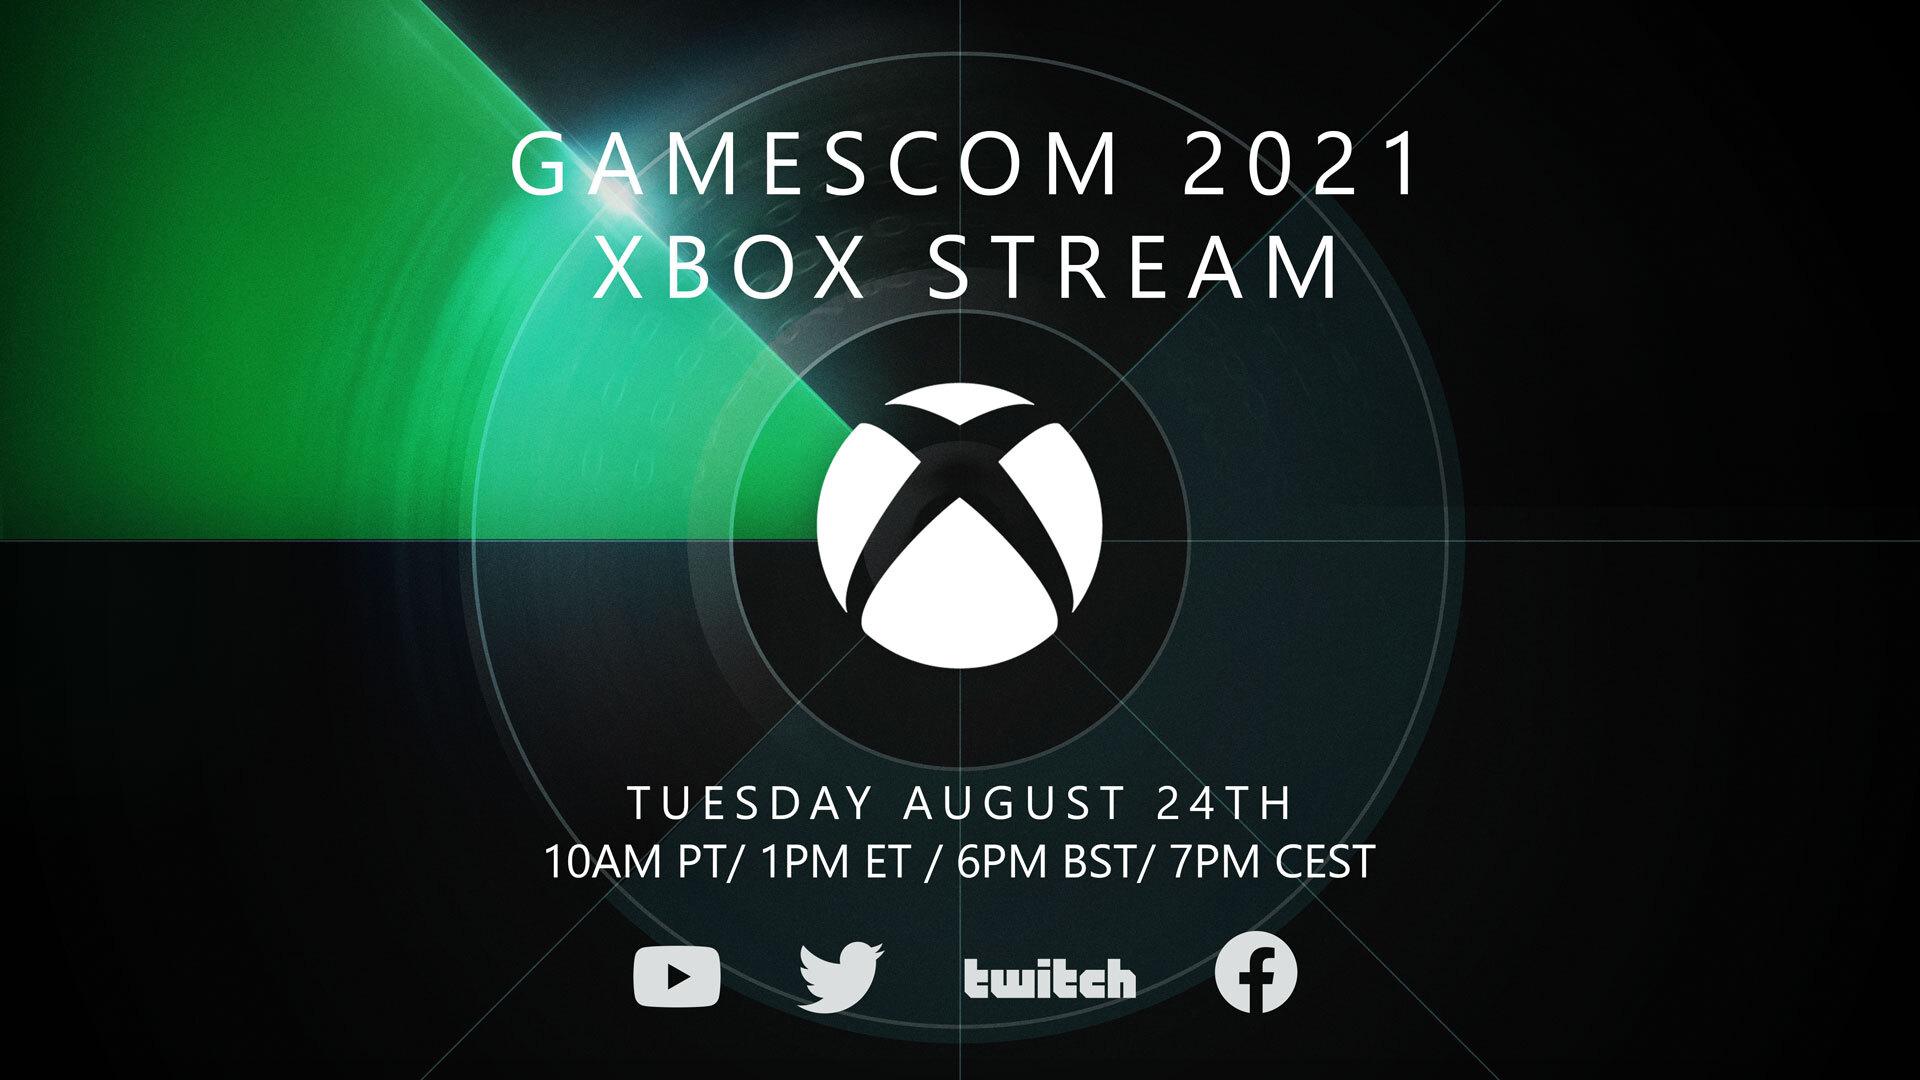 gamescom 2021 Xbox Stream - Gamescom